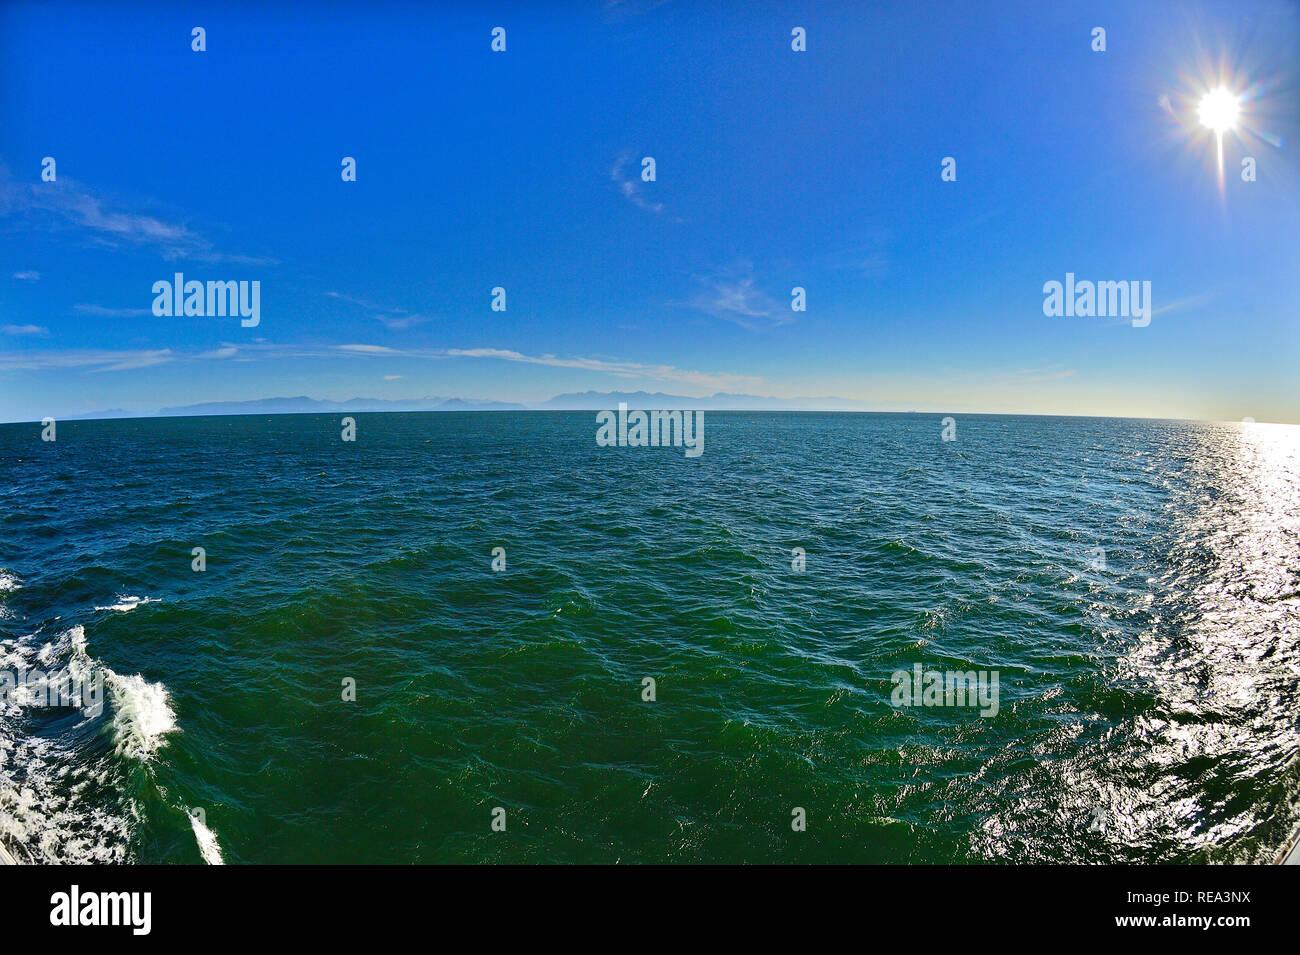 Un paysage horizontal de plaisance sur le détroit de Georgia près de l'île de Vancouver avec un horizon de fuite et d'un sun star Photo Stock